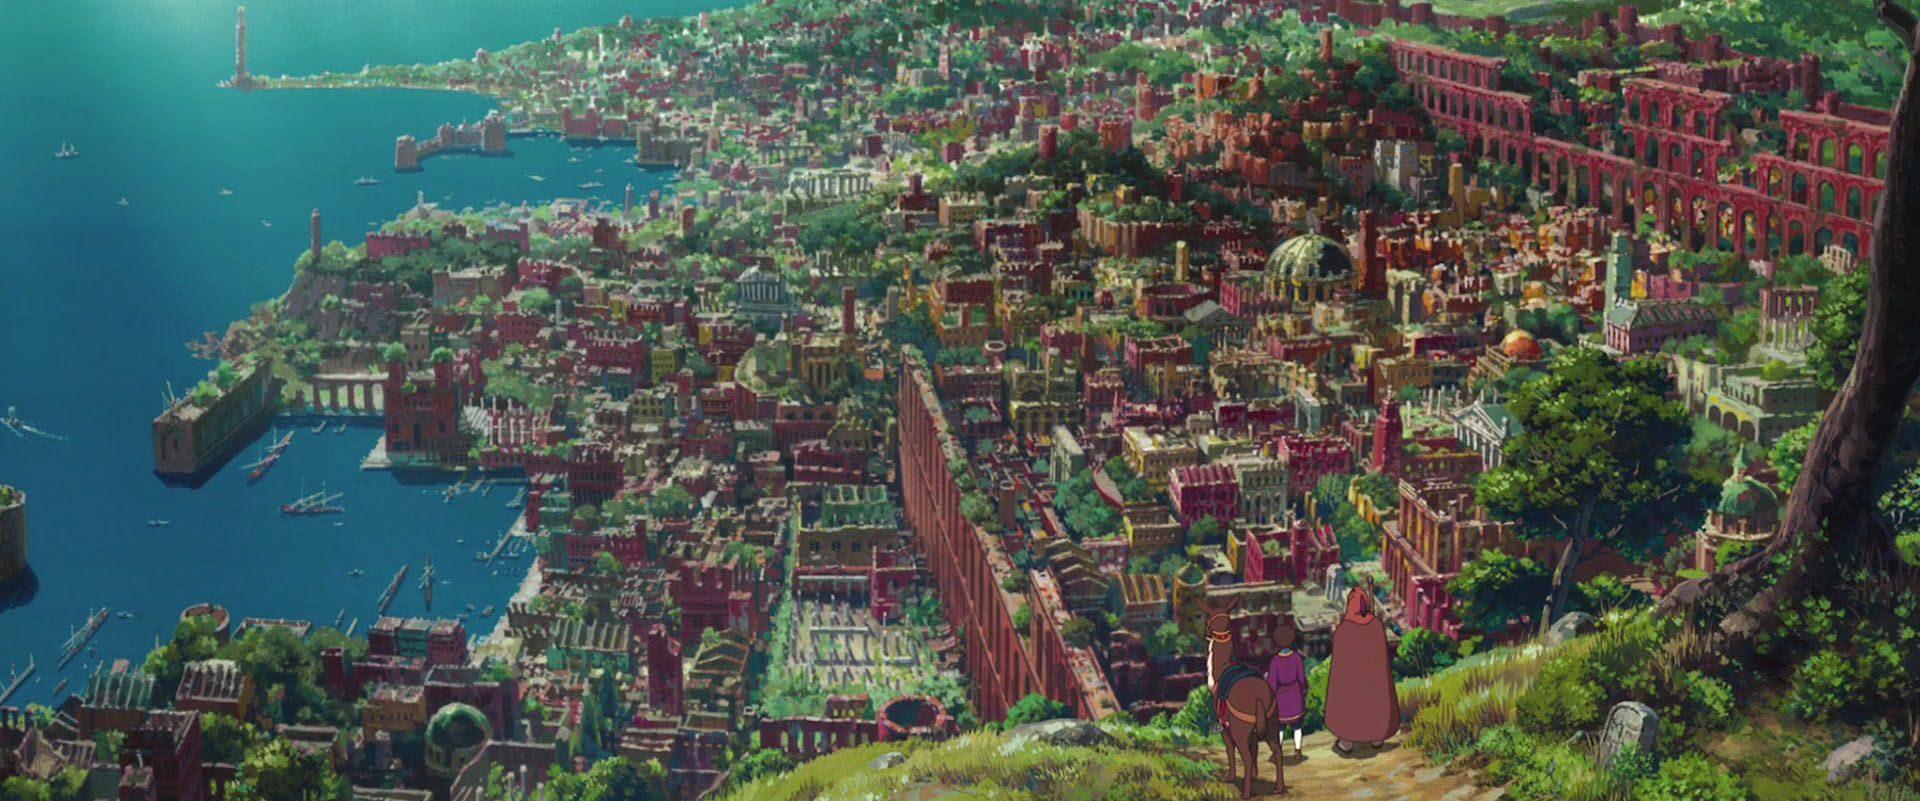 Les Contes de Terremer : Tales from Earthsea